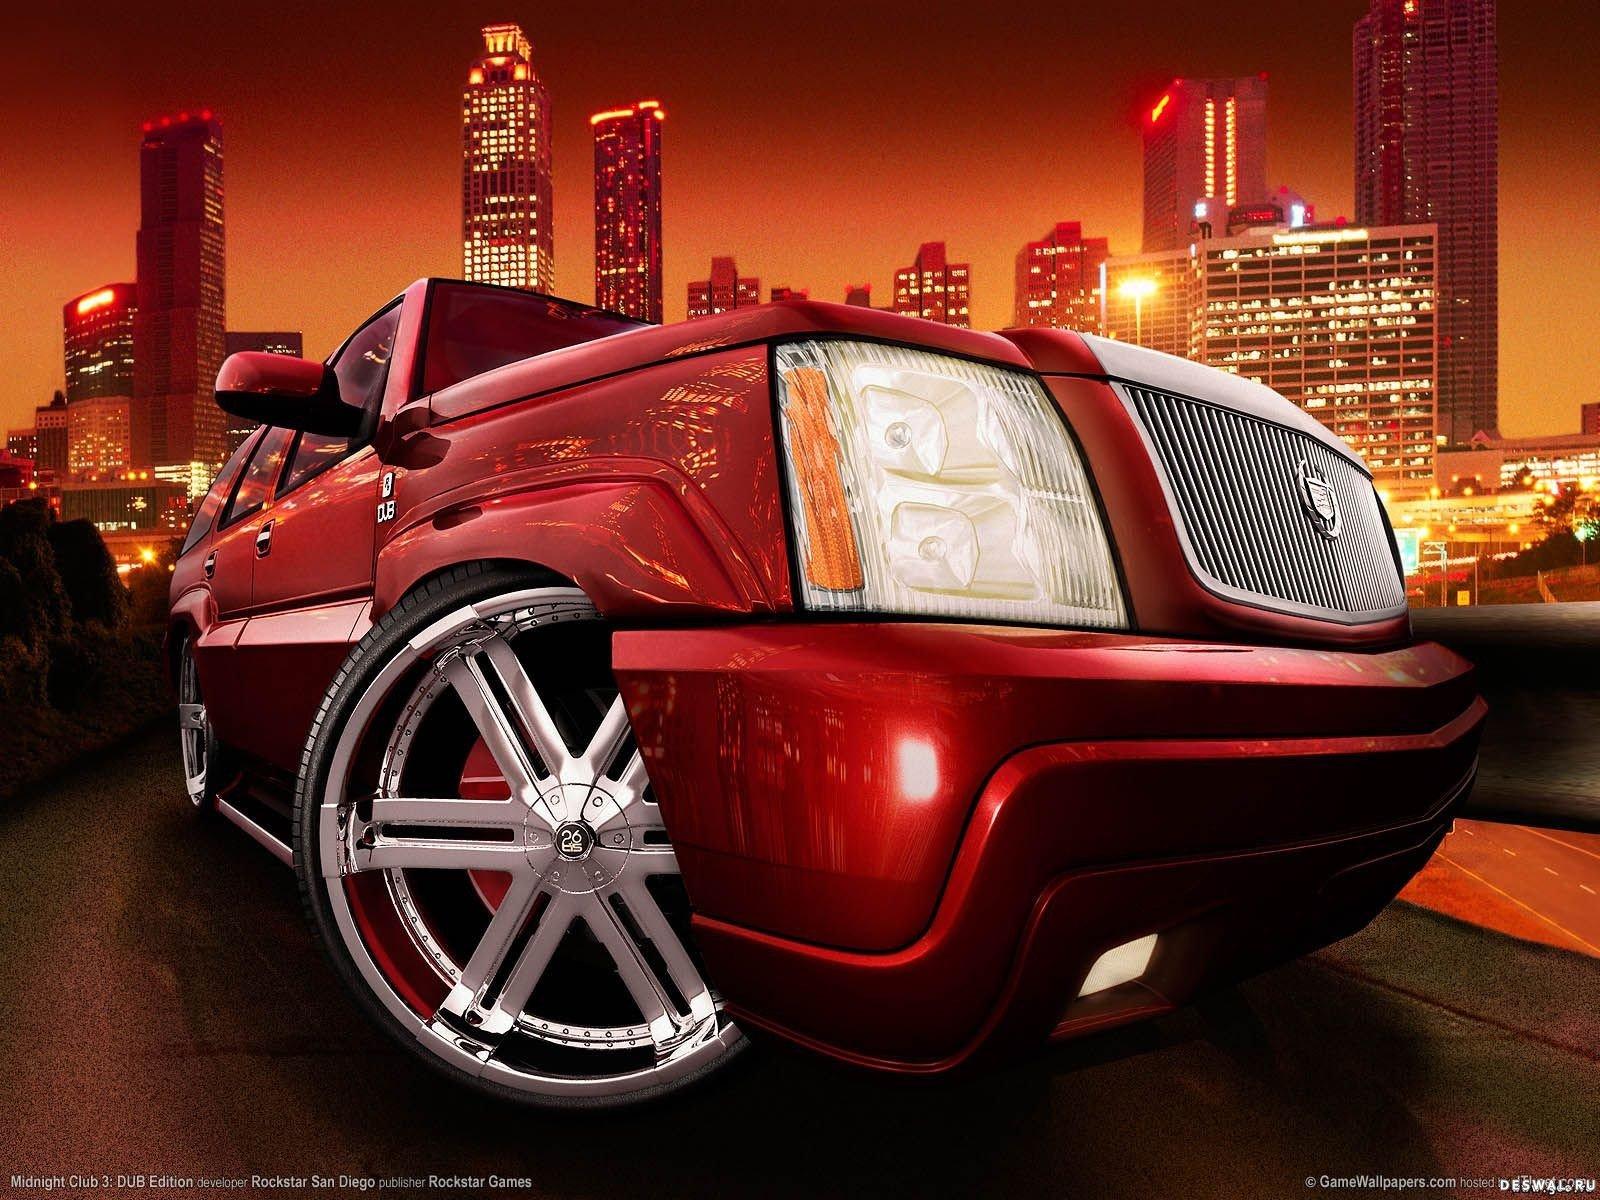 Автомобиль Cadillac на бесплатной фотообои, Нажмите на картинку с обоями автомобиля cadillac, чтобы просмотреть ее в реальном размере